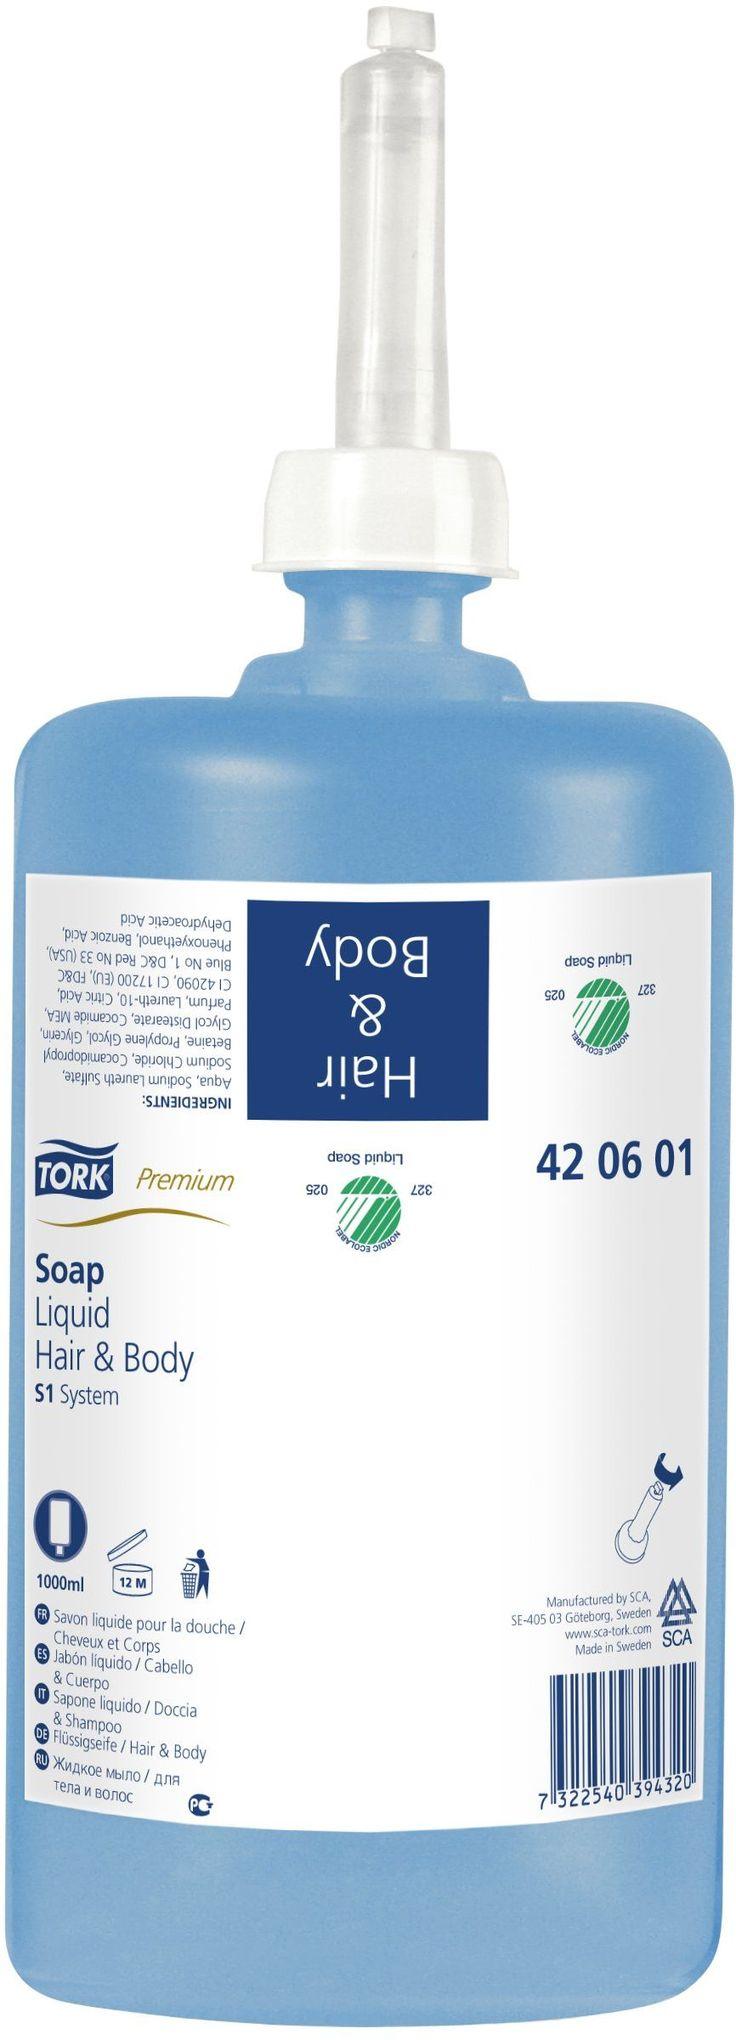 Sapunul lichid Premium Tork poate fi utilizat pe corp si par. Produce spuma bogata si cremoasa.